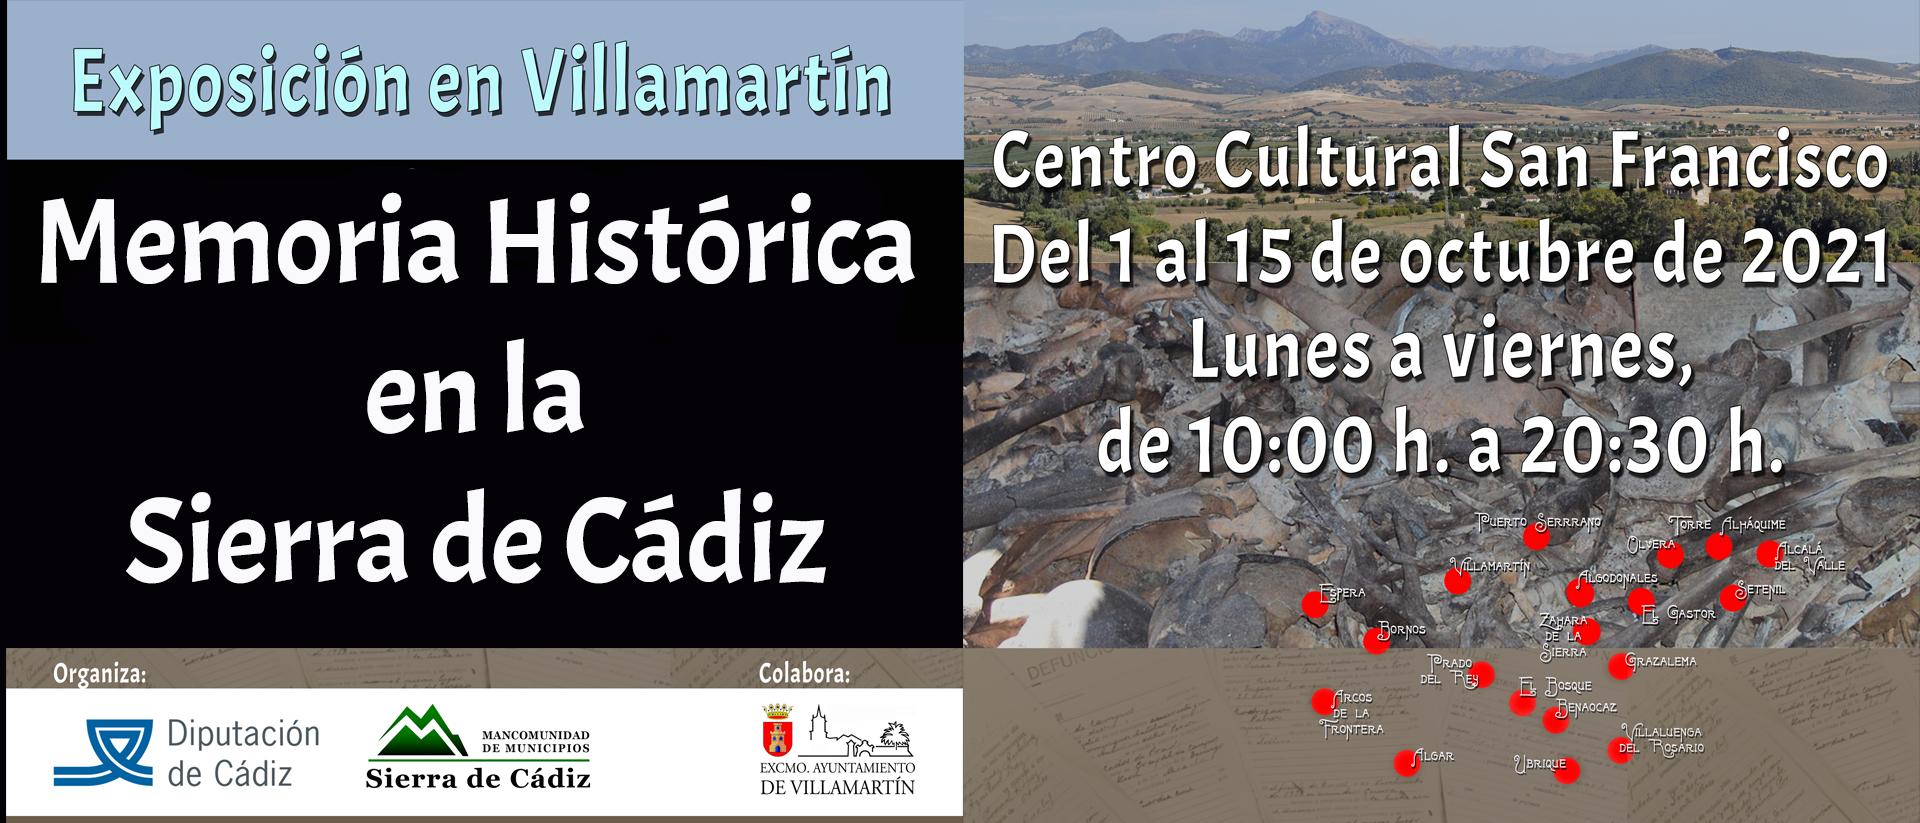 BANNER EXPOSICION MEMORIA HISTORICA EN LA SIERRA DE CADIZ